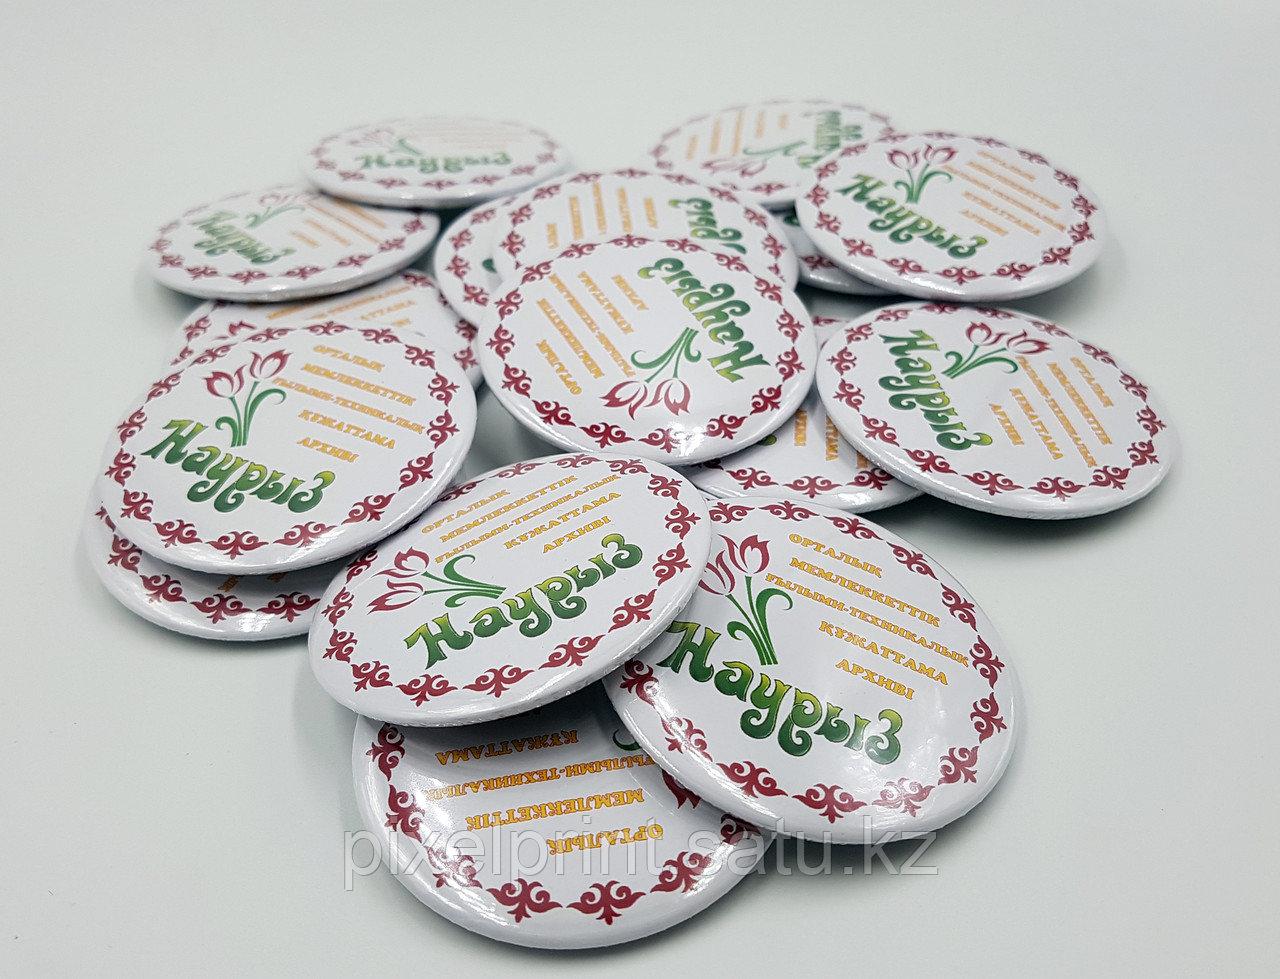 Изготовление значков в Алматы